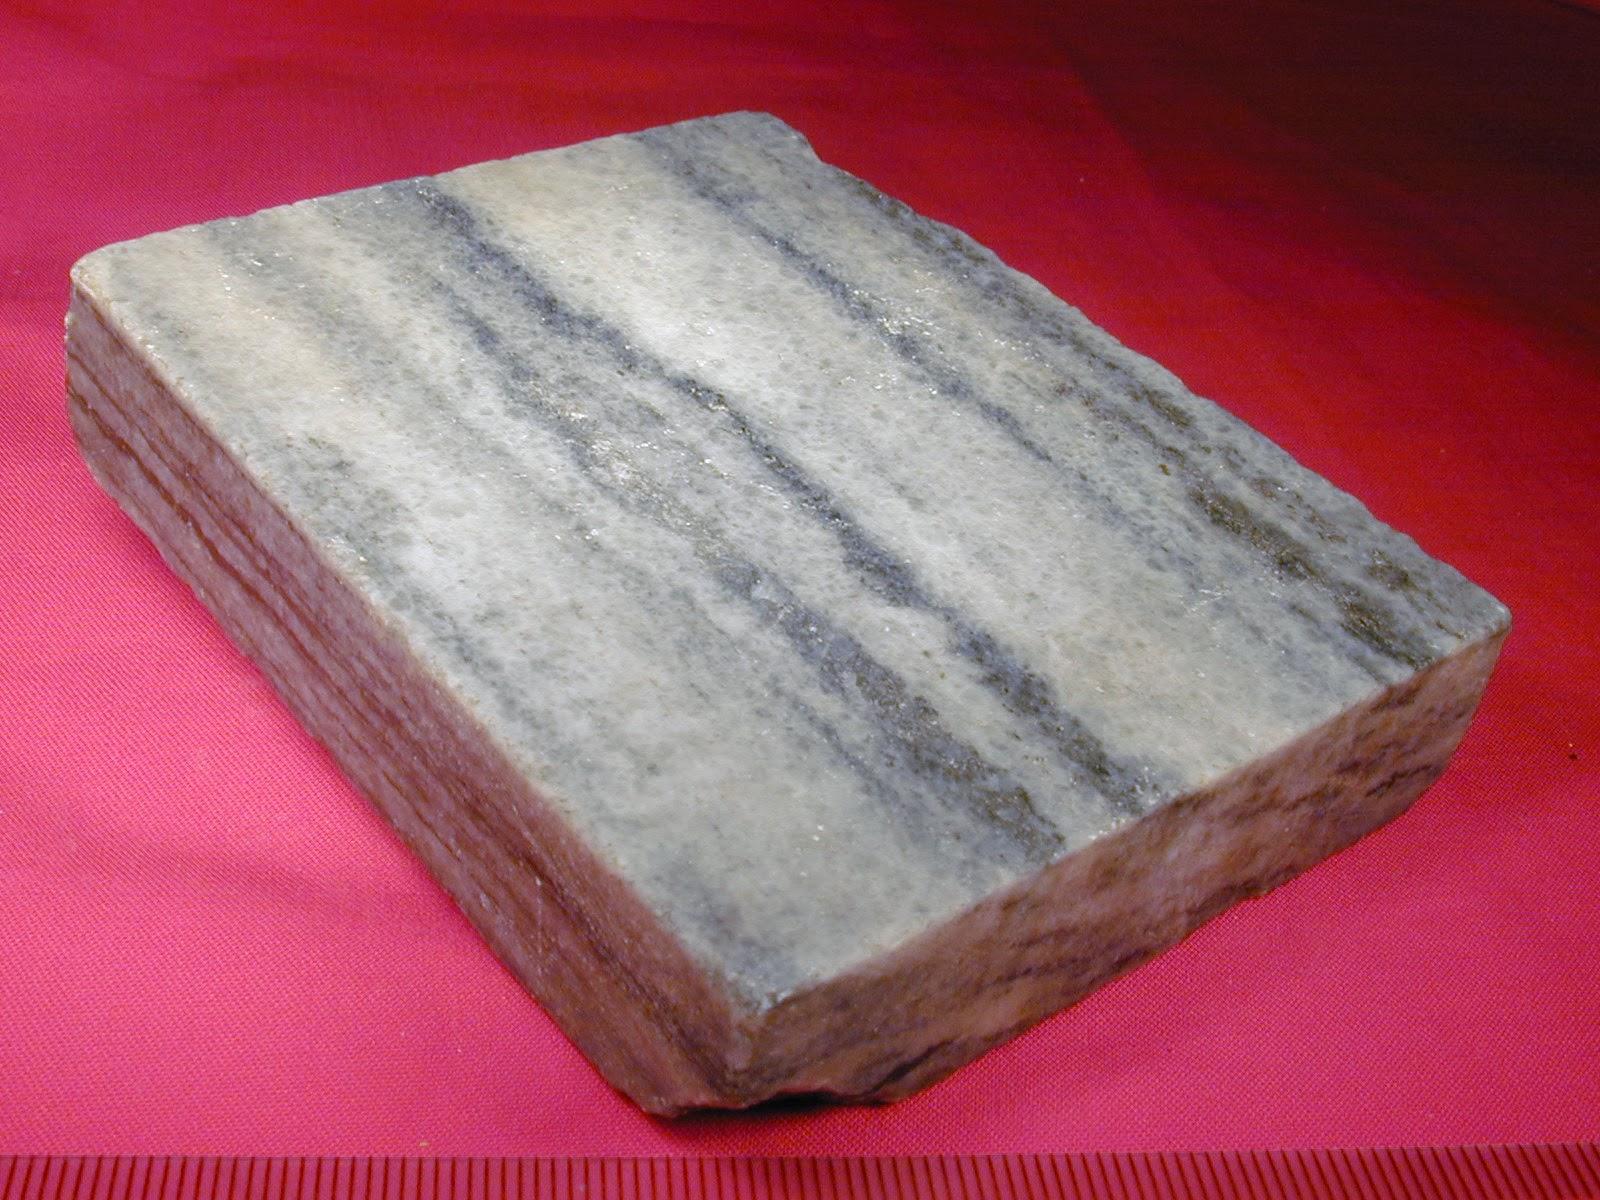 Biologia noviembre 2013 for Composicion del marmol